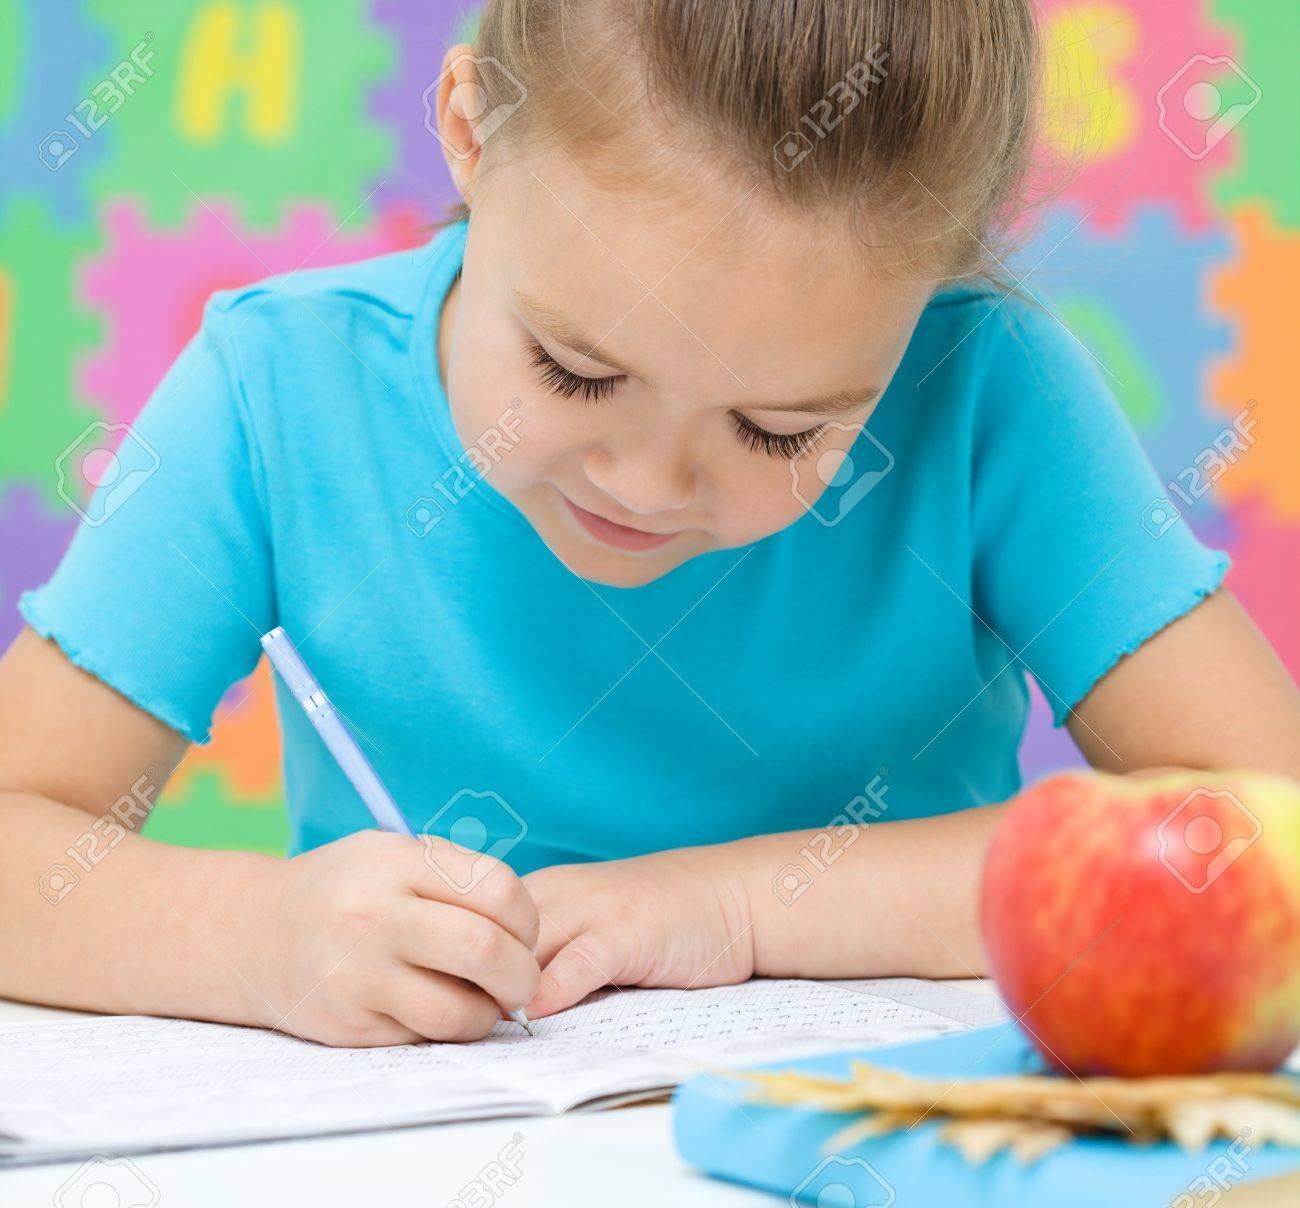 Cute little girl is writing using a pen in preschool Stock Photo - 16336130